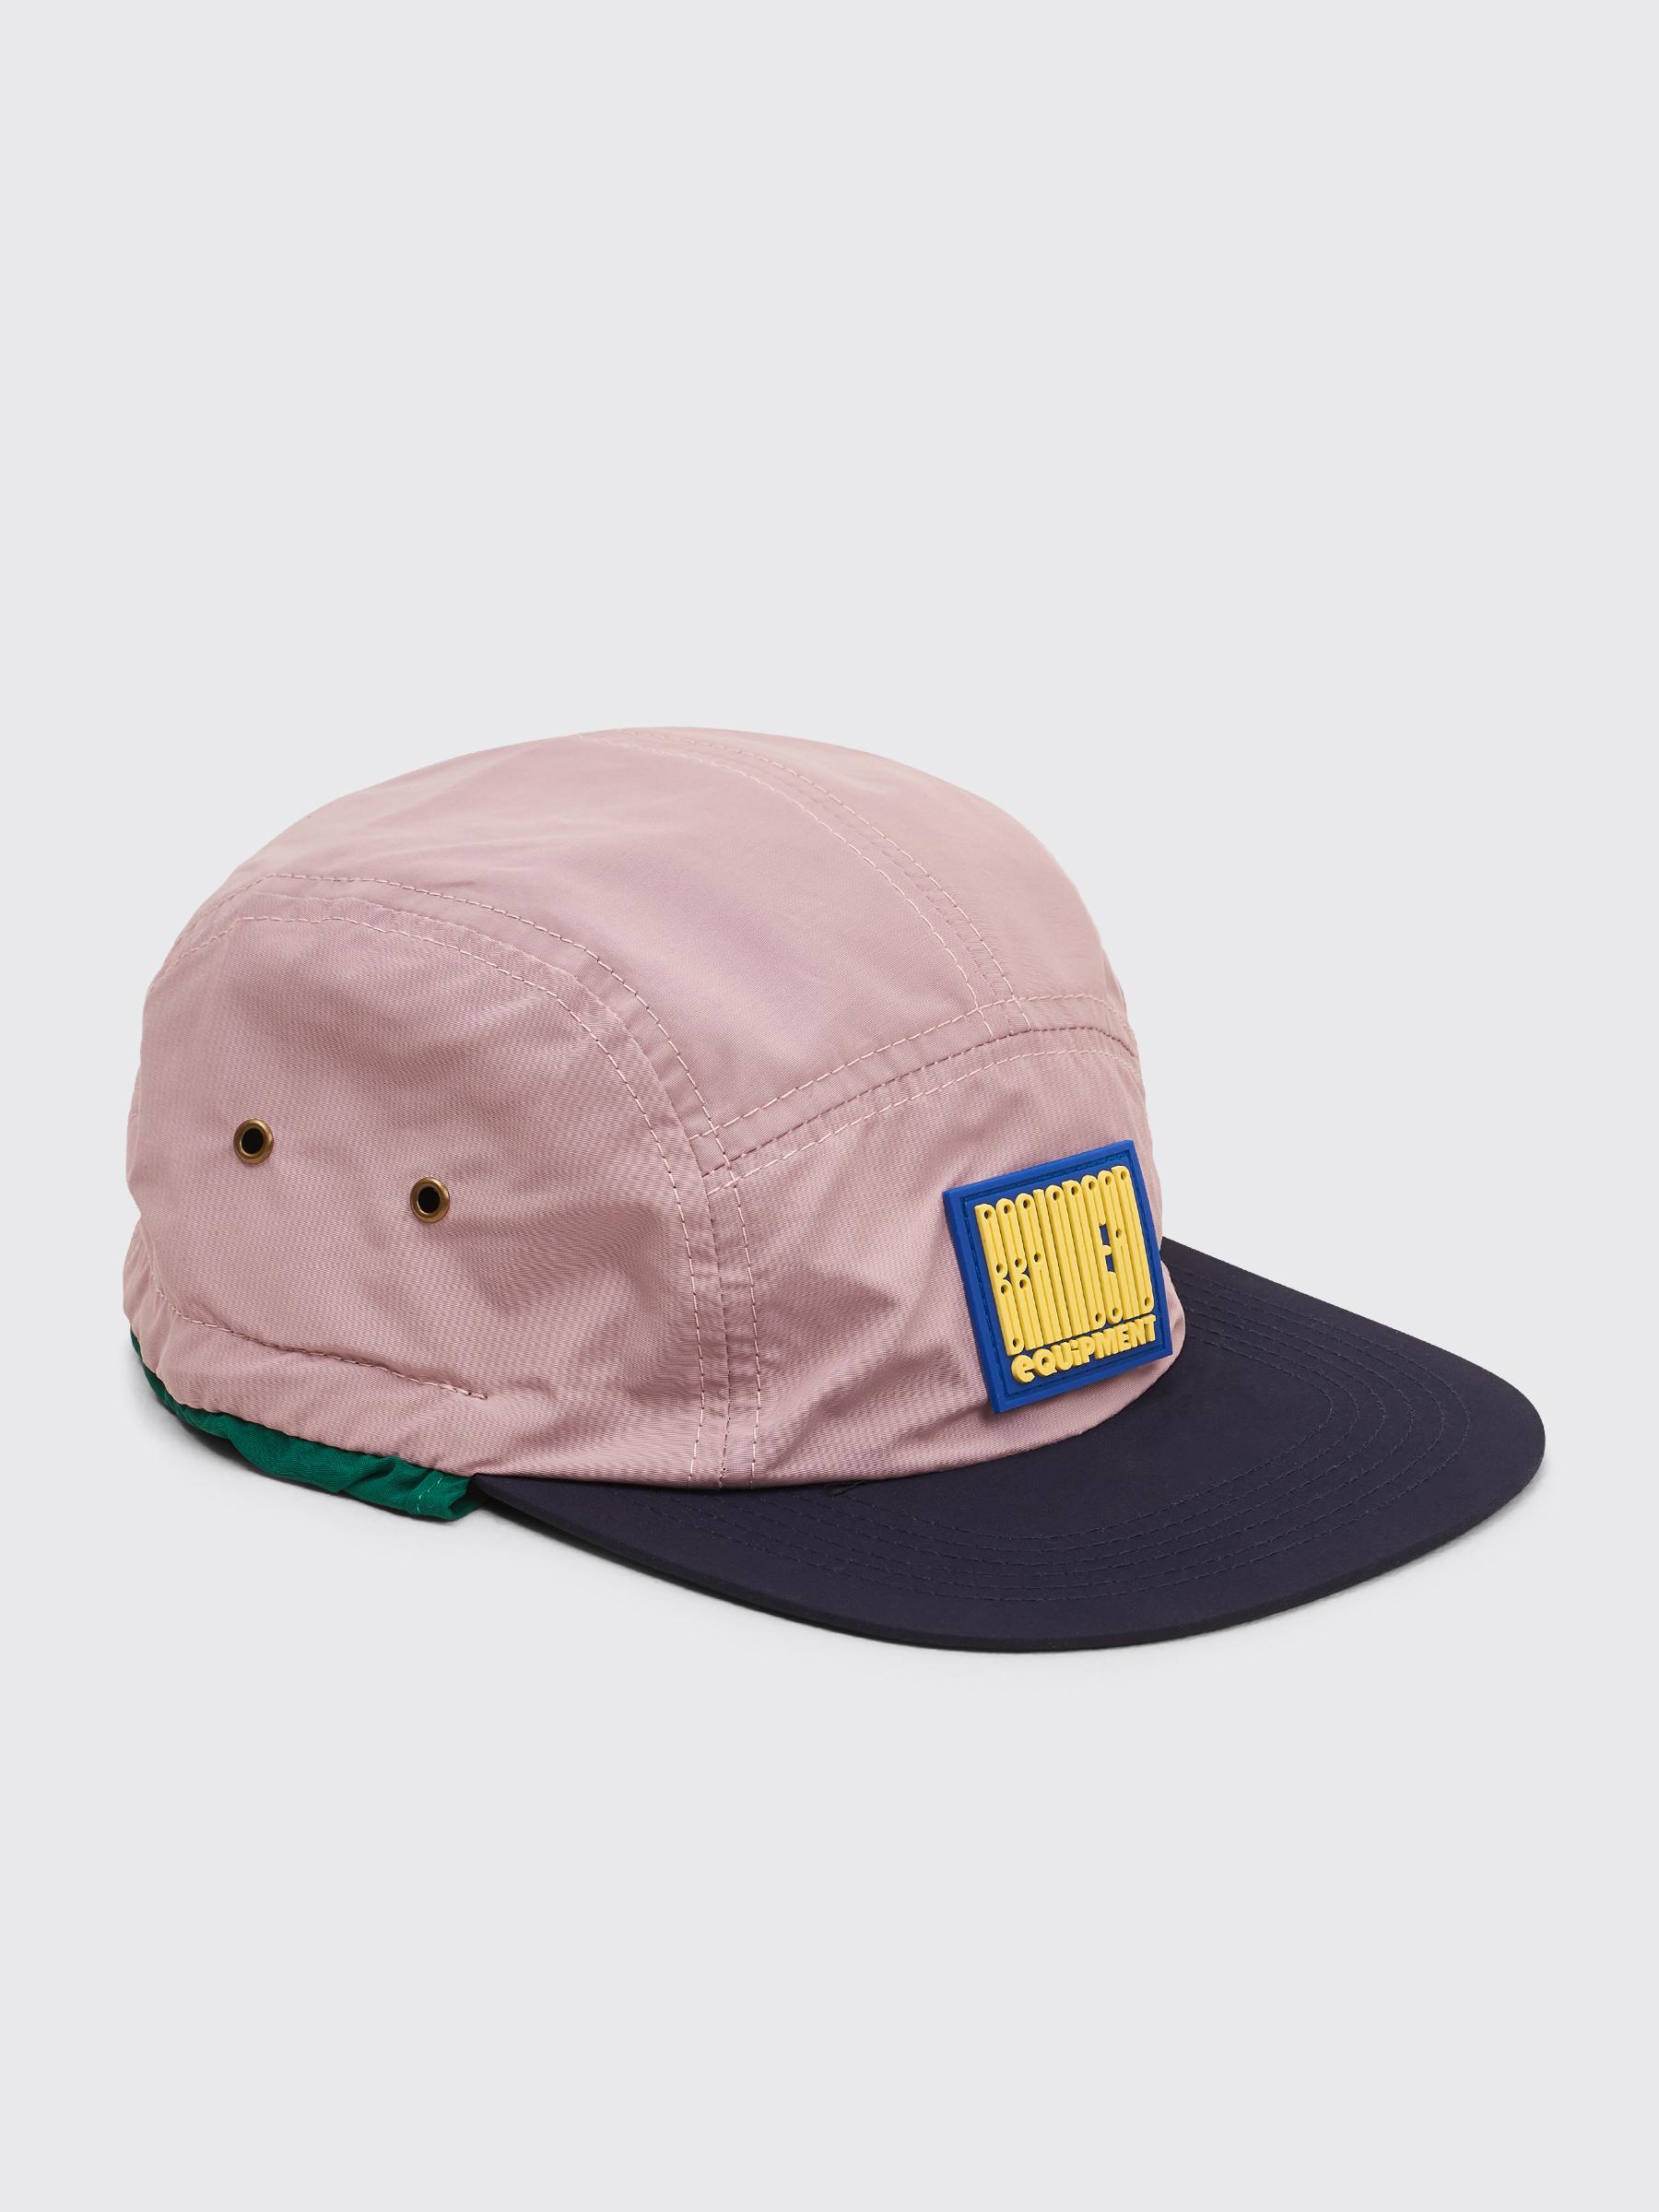 b84830d9752 Très Bien - Brain Dead Safari Hat Pink   Green